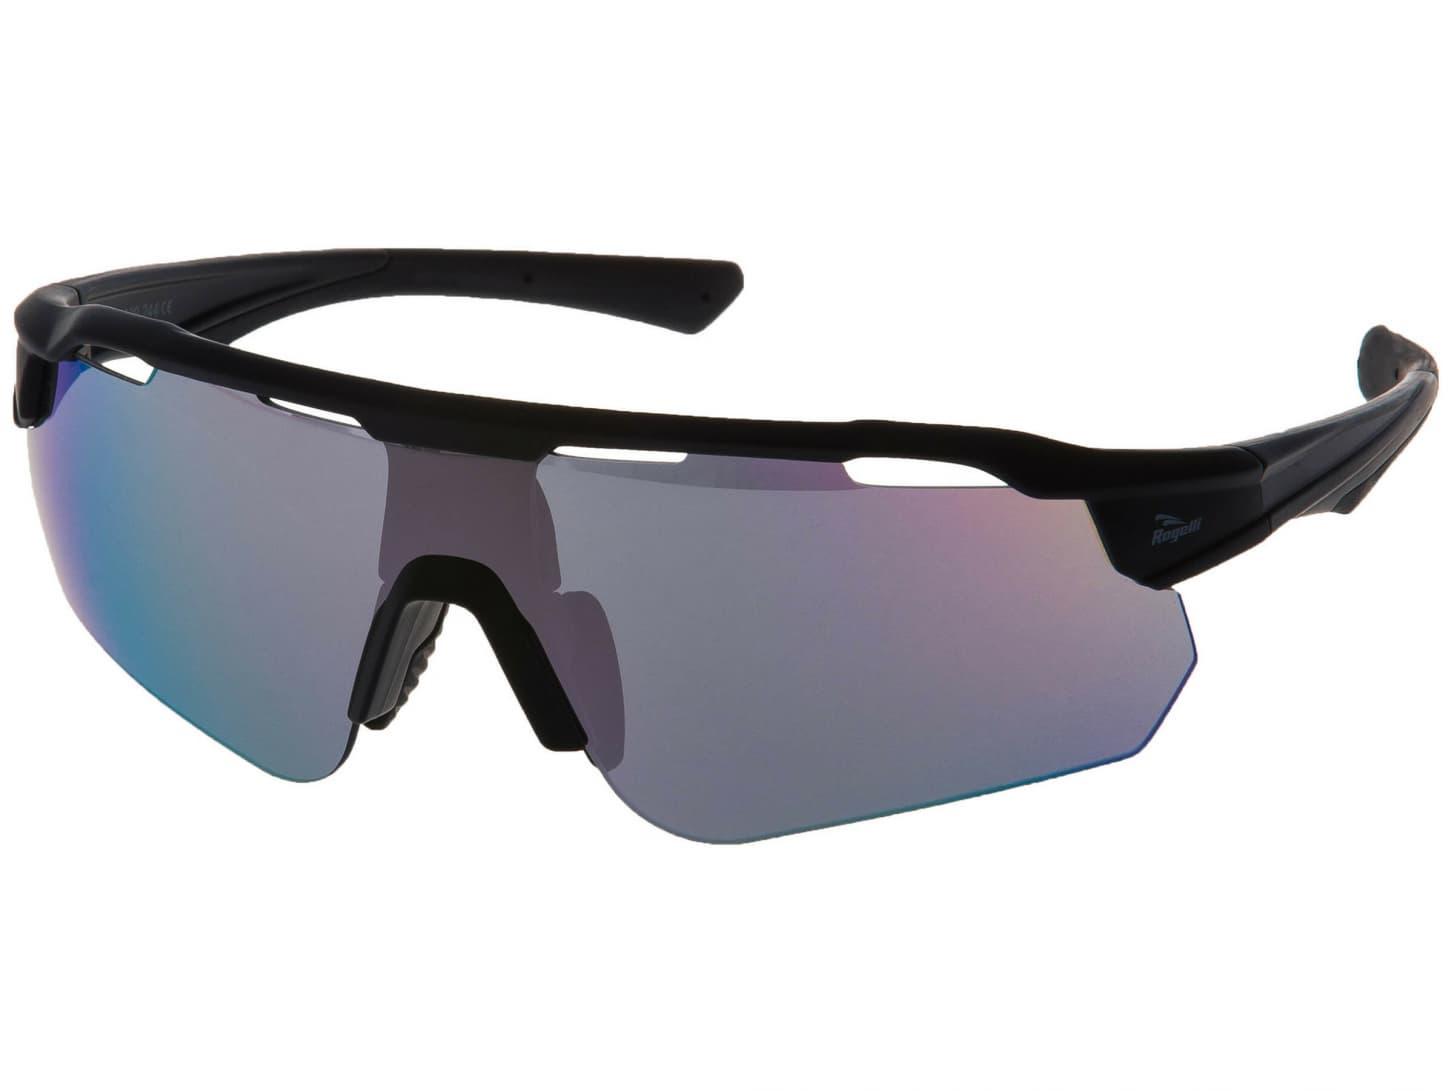 2025596fd Cyklistické okuliare Rogelli MERCURY s výmennými sklami, čierne ...